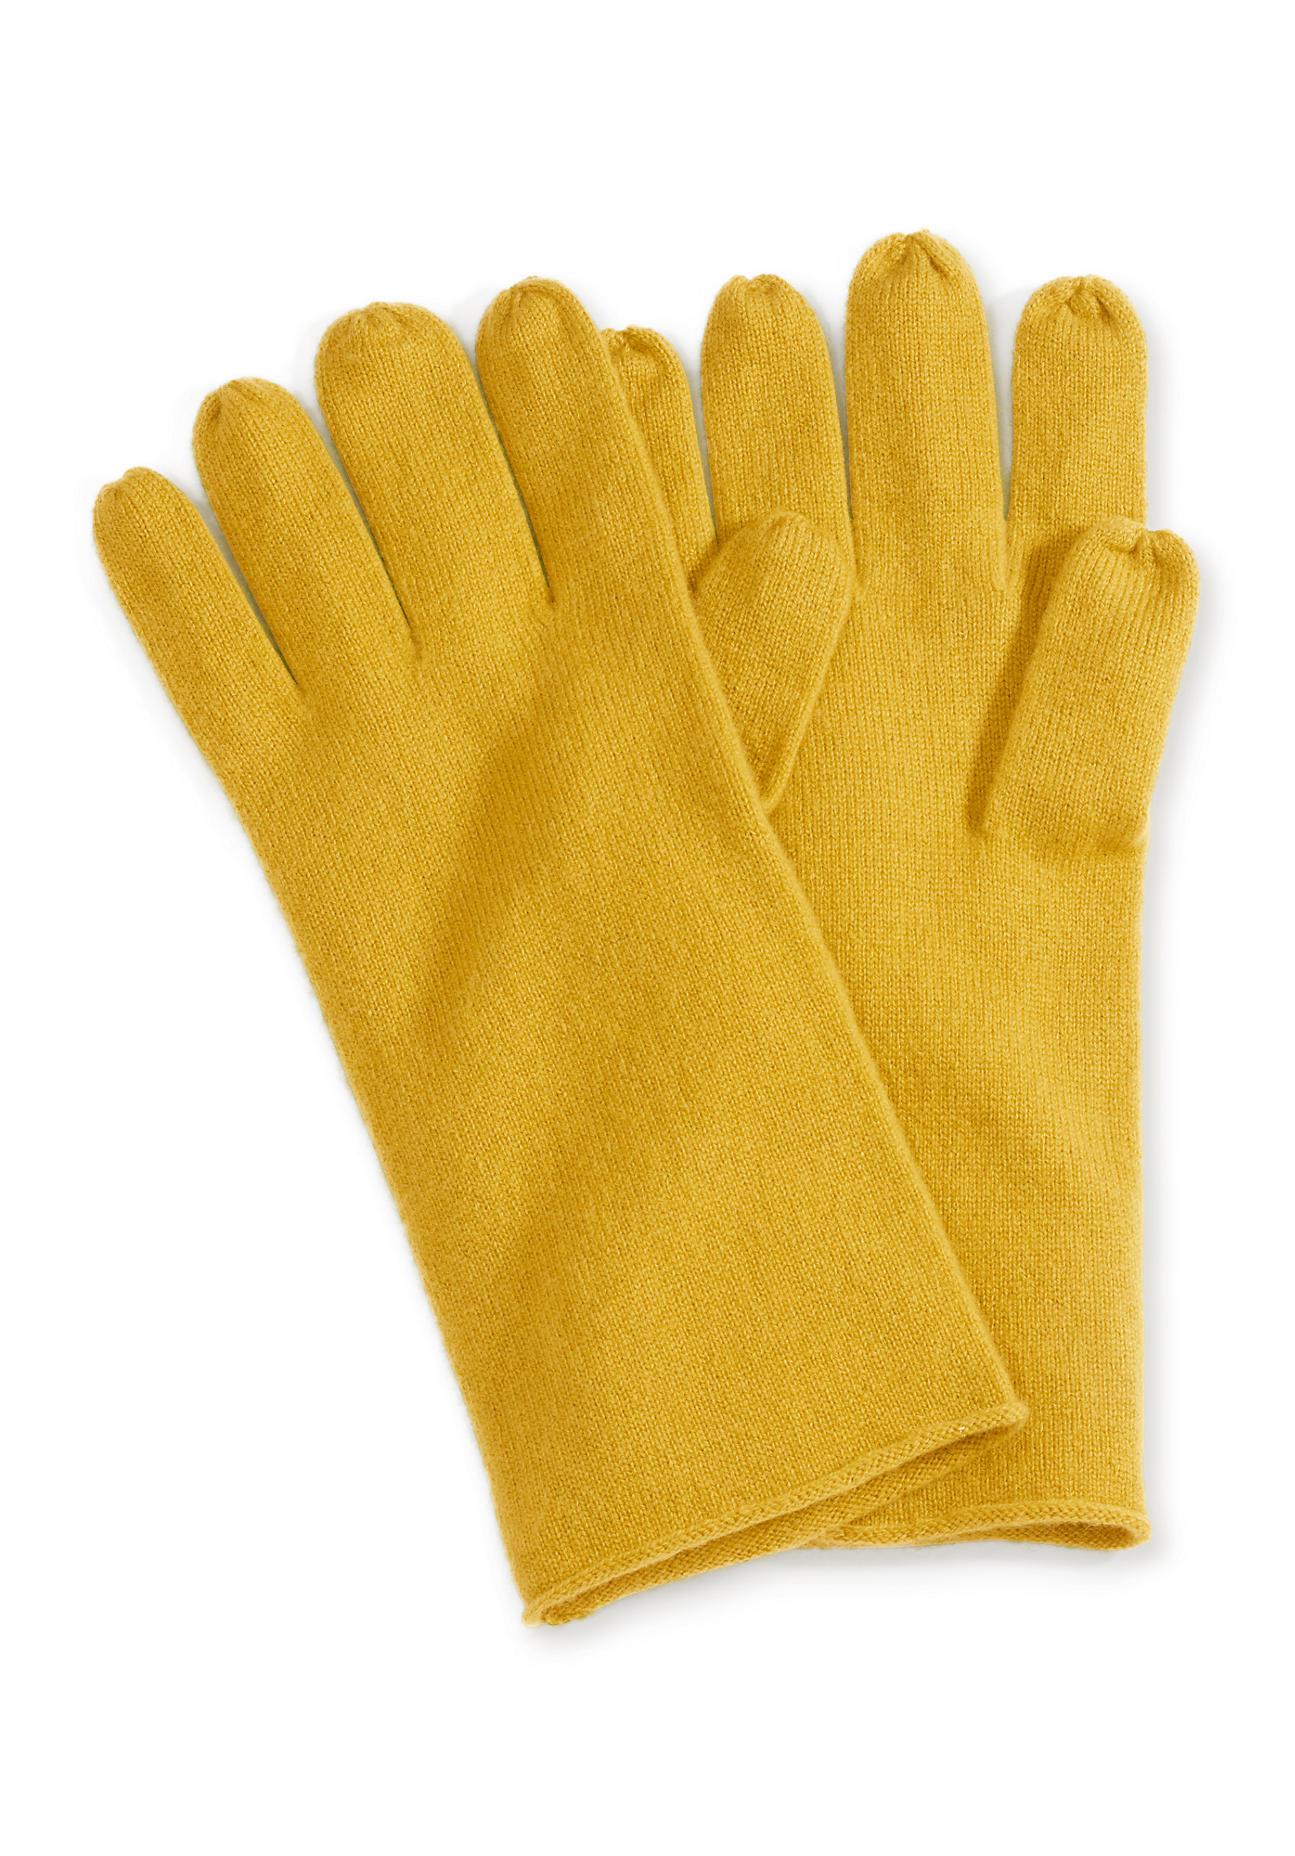 Handschuhe - hessnatur Damen Damen Handschuhe aus Schurwolle mit Kaschmir – gelb –  - Onlineshop Hessnatur